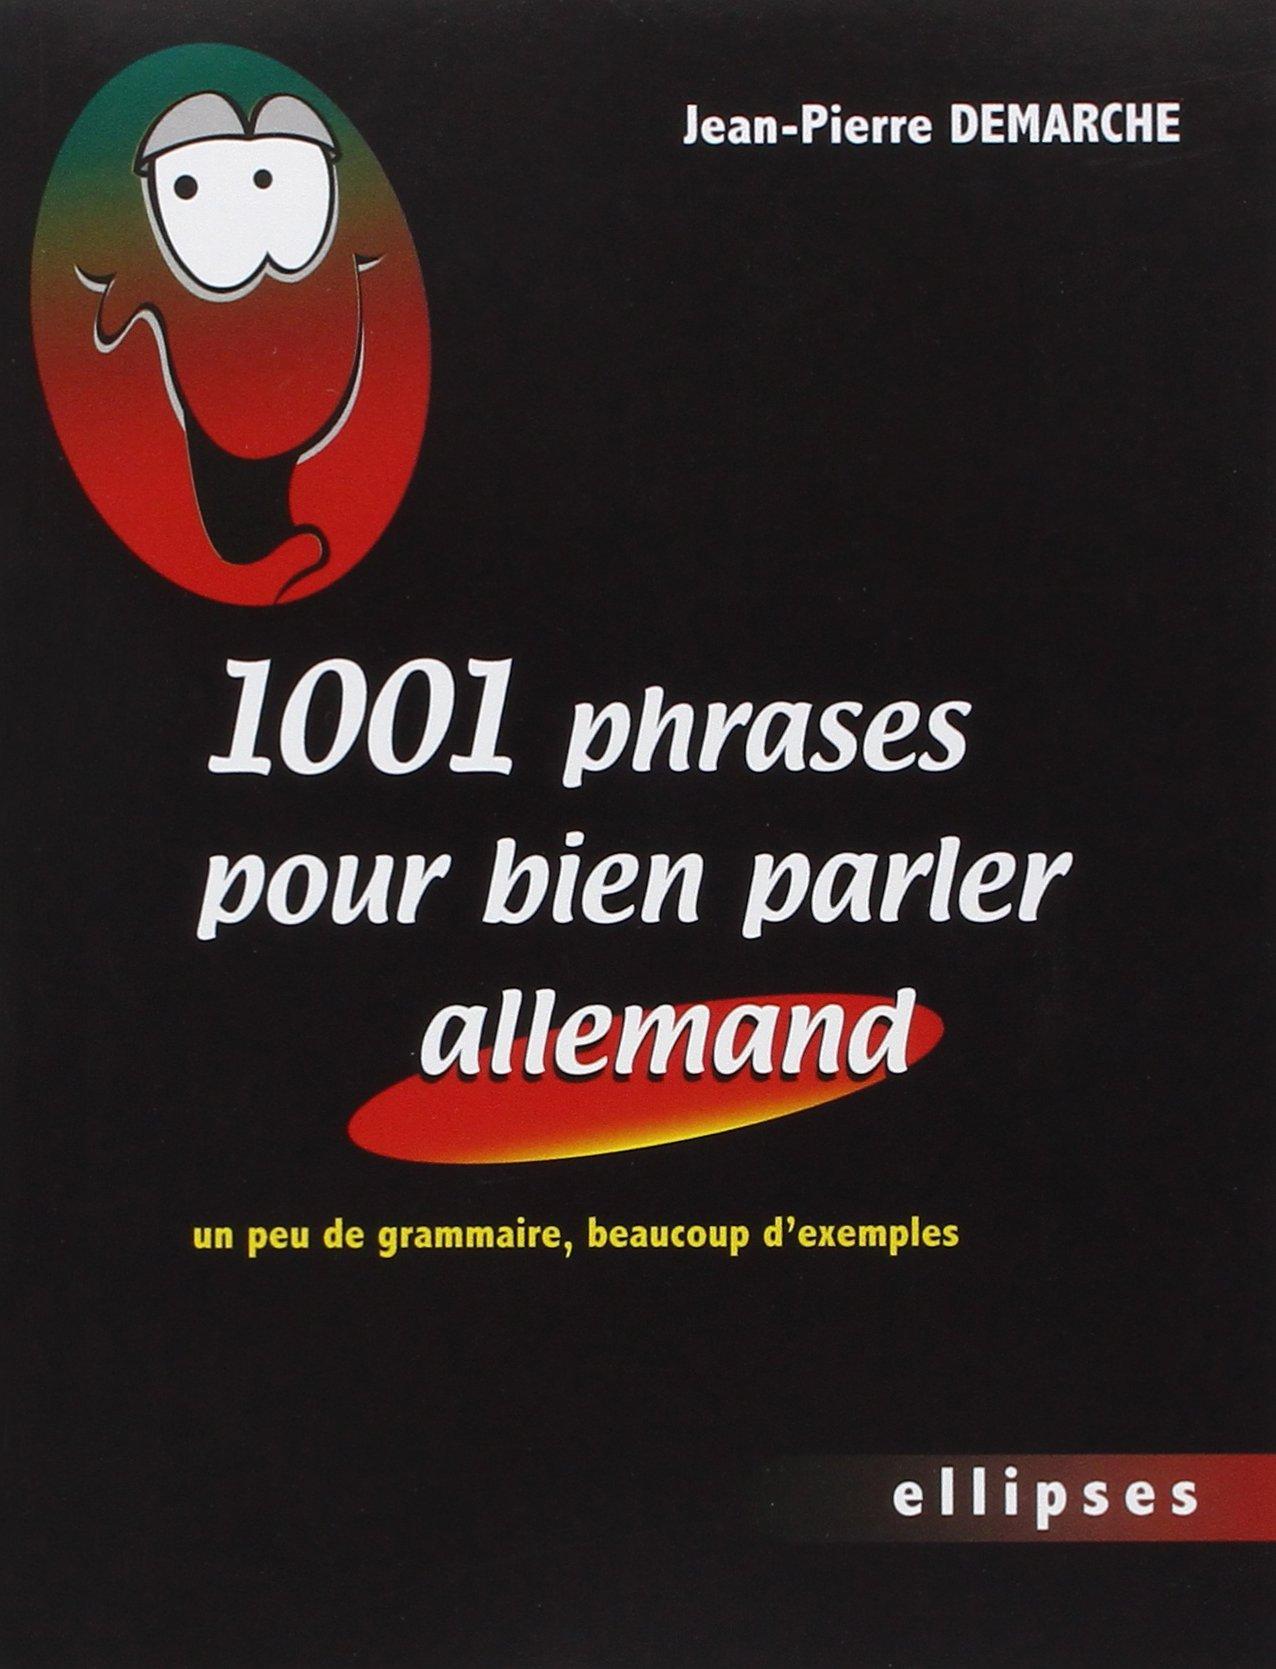 1001 Phrases pour bien parler allemand : Un peu de grammaire, beaucoup d'exemples Broché – 14 juin 2007 Jean-Pierre Demarche beaucoup d'exemples Ellipses Marketing 2729822747